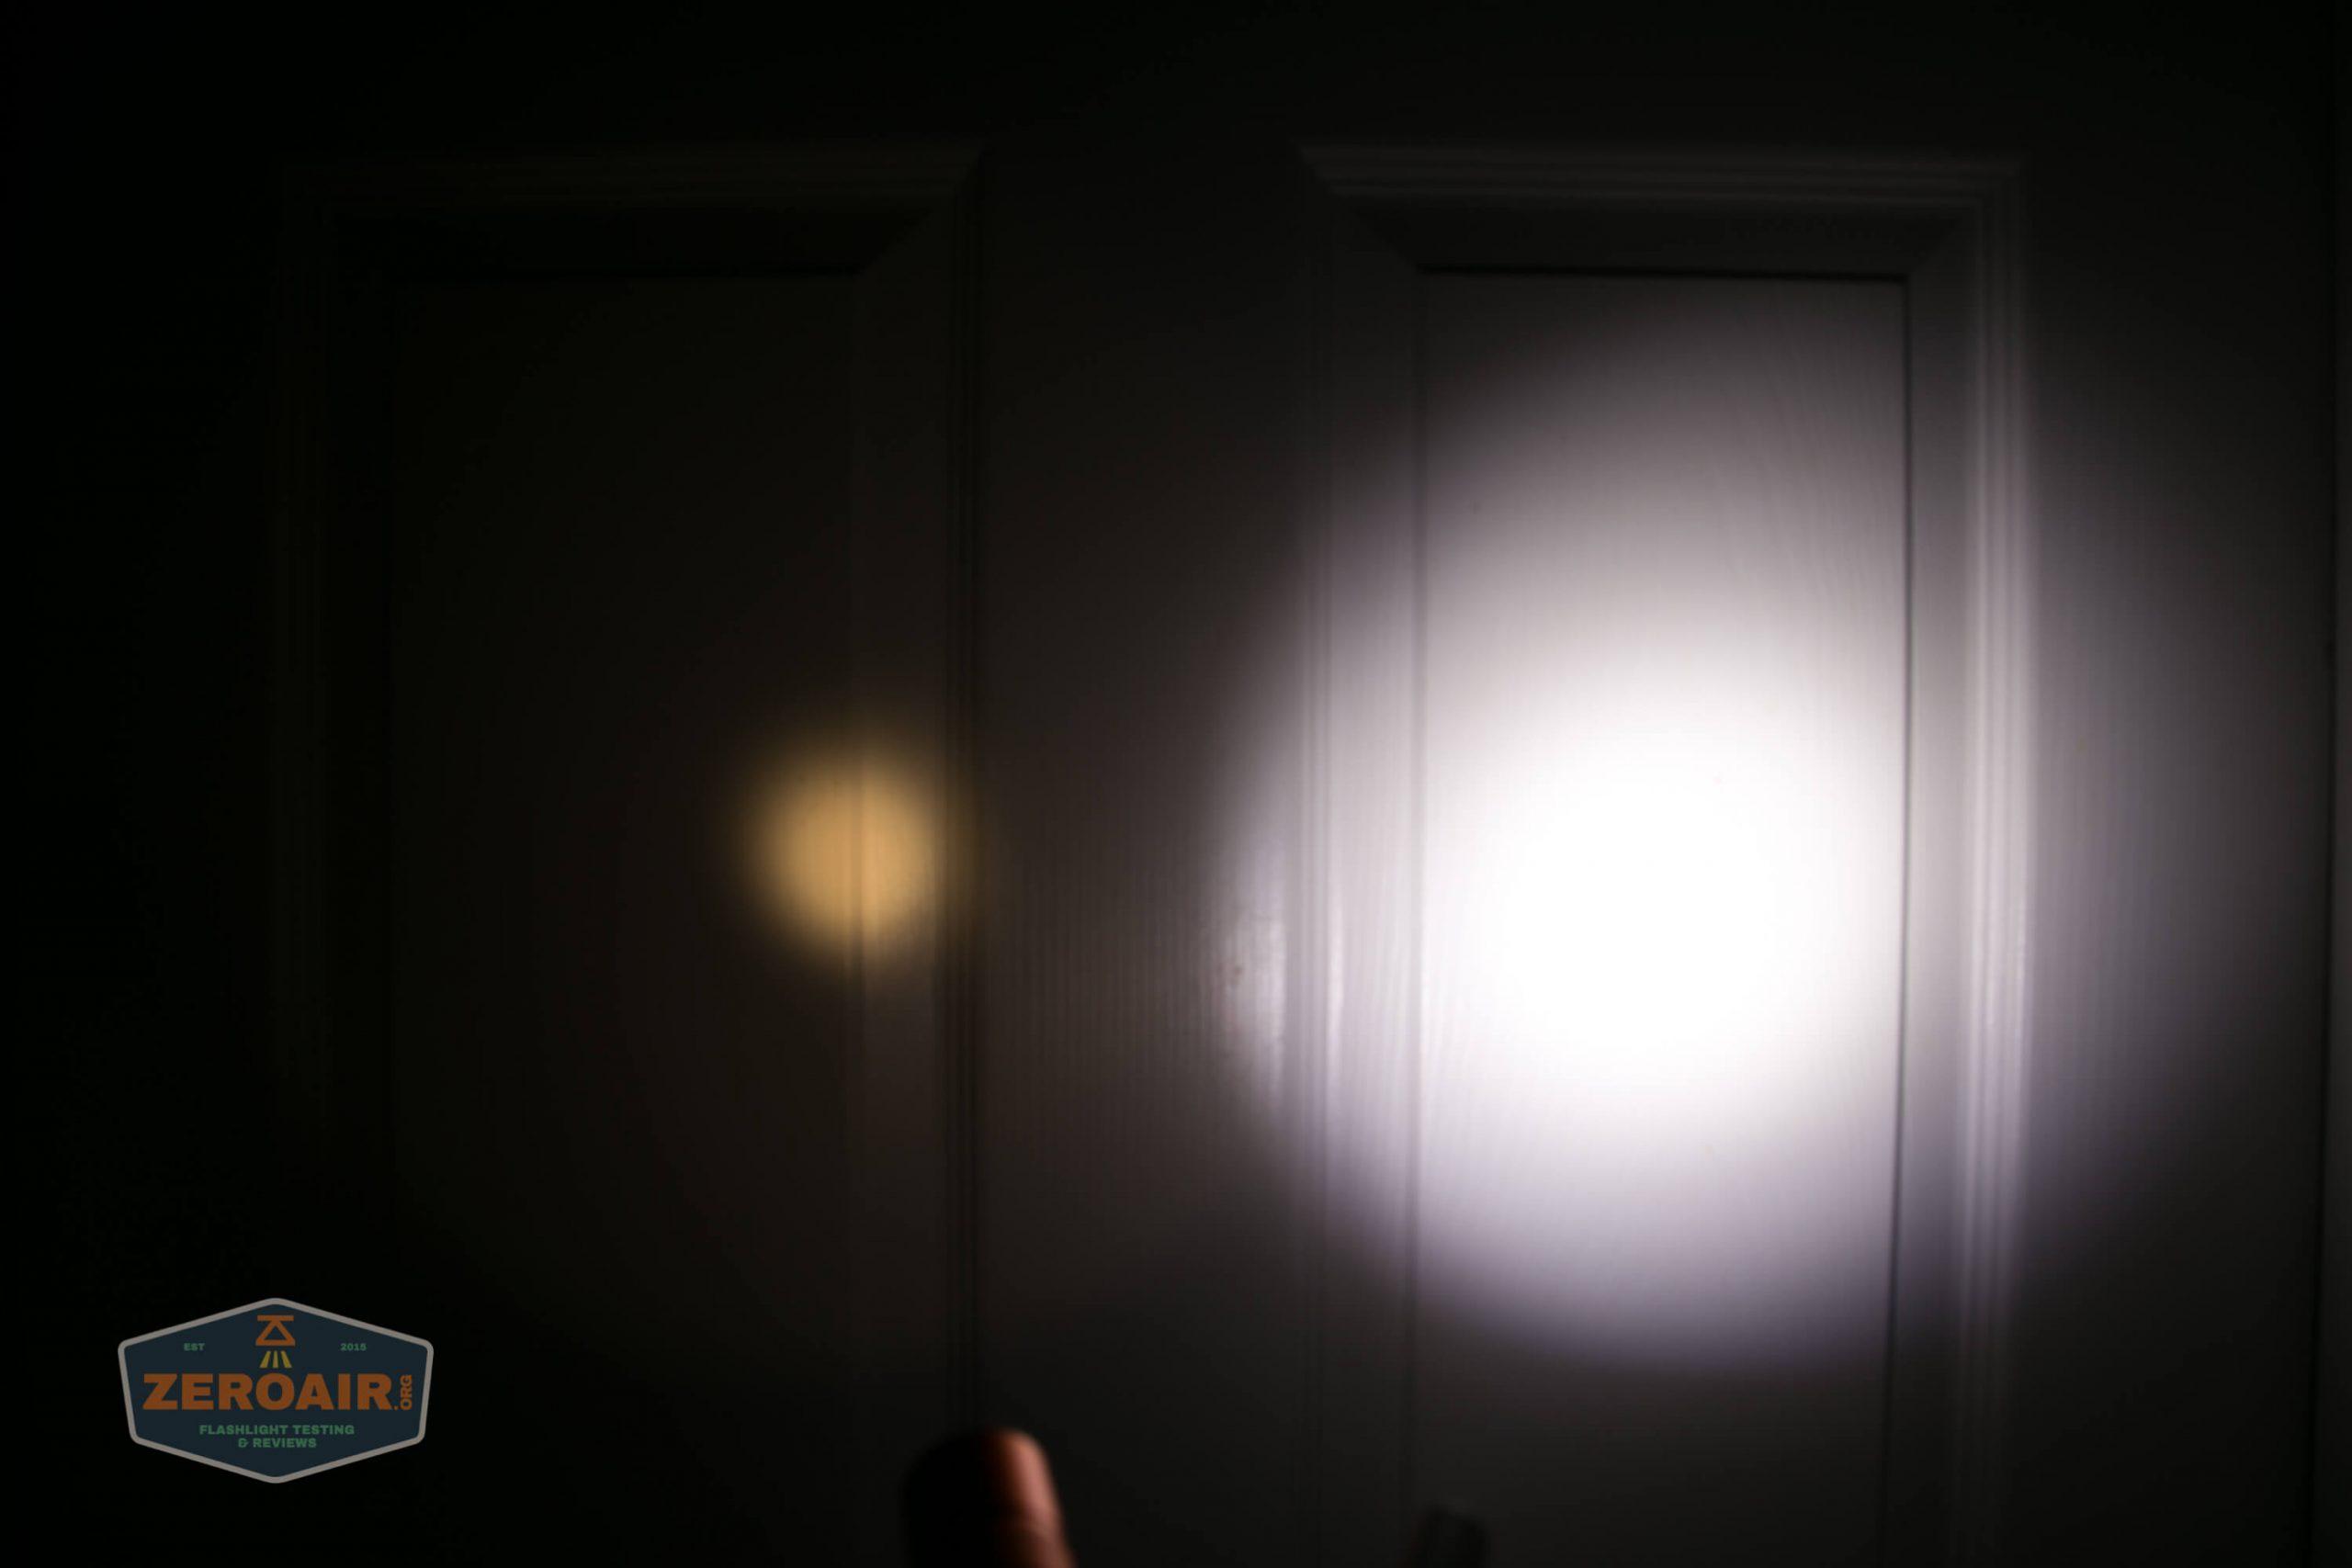 convoy s2+ sst20 2700K 6x7135 orange peel reflector beamshots door